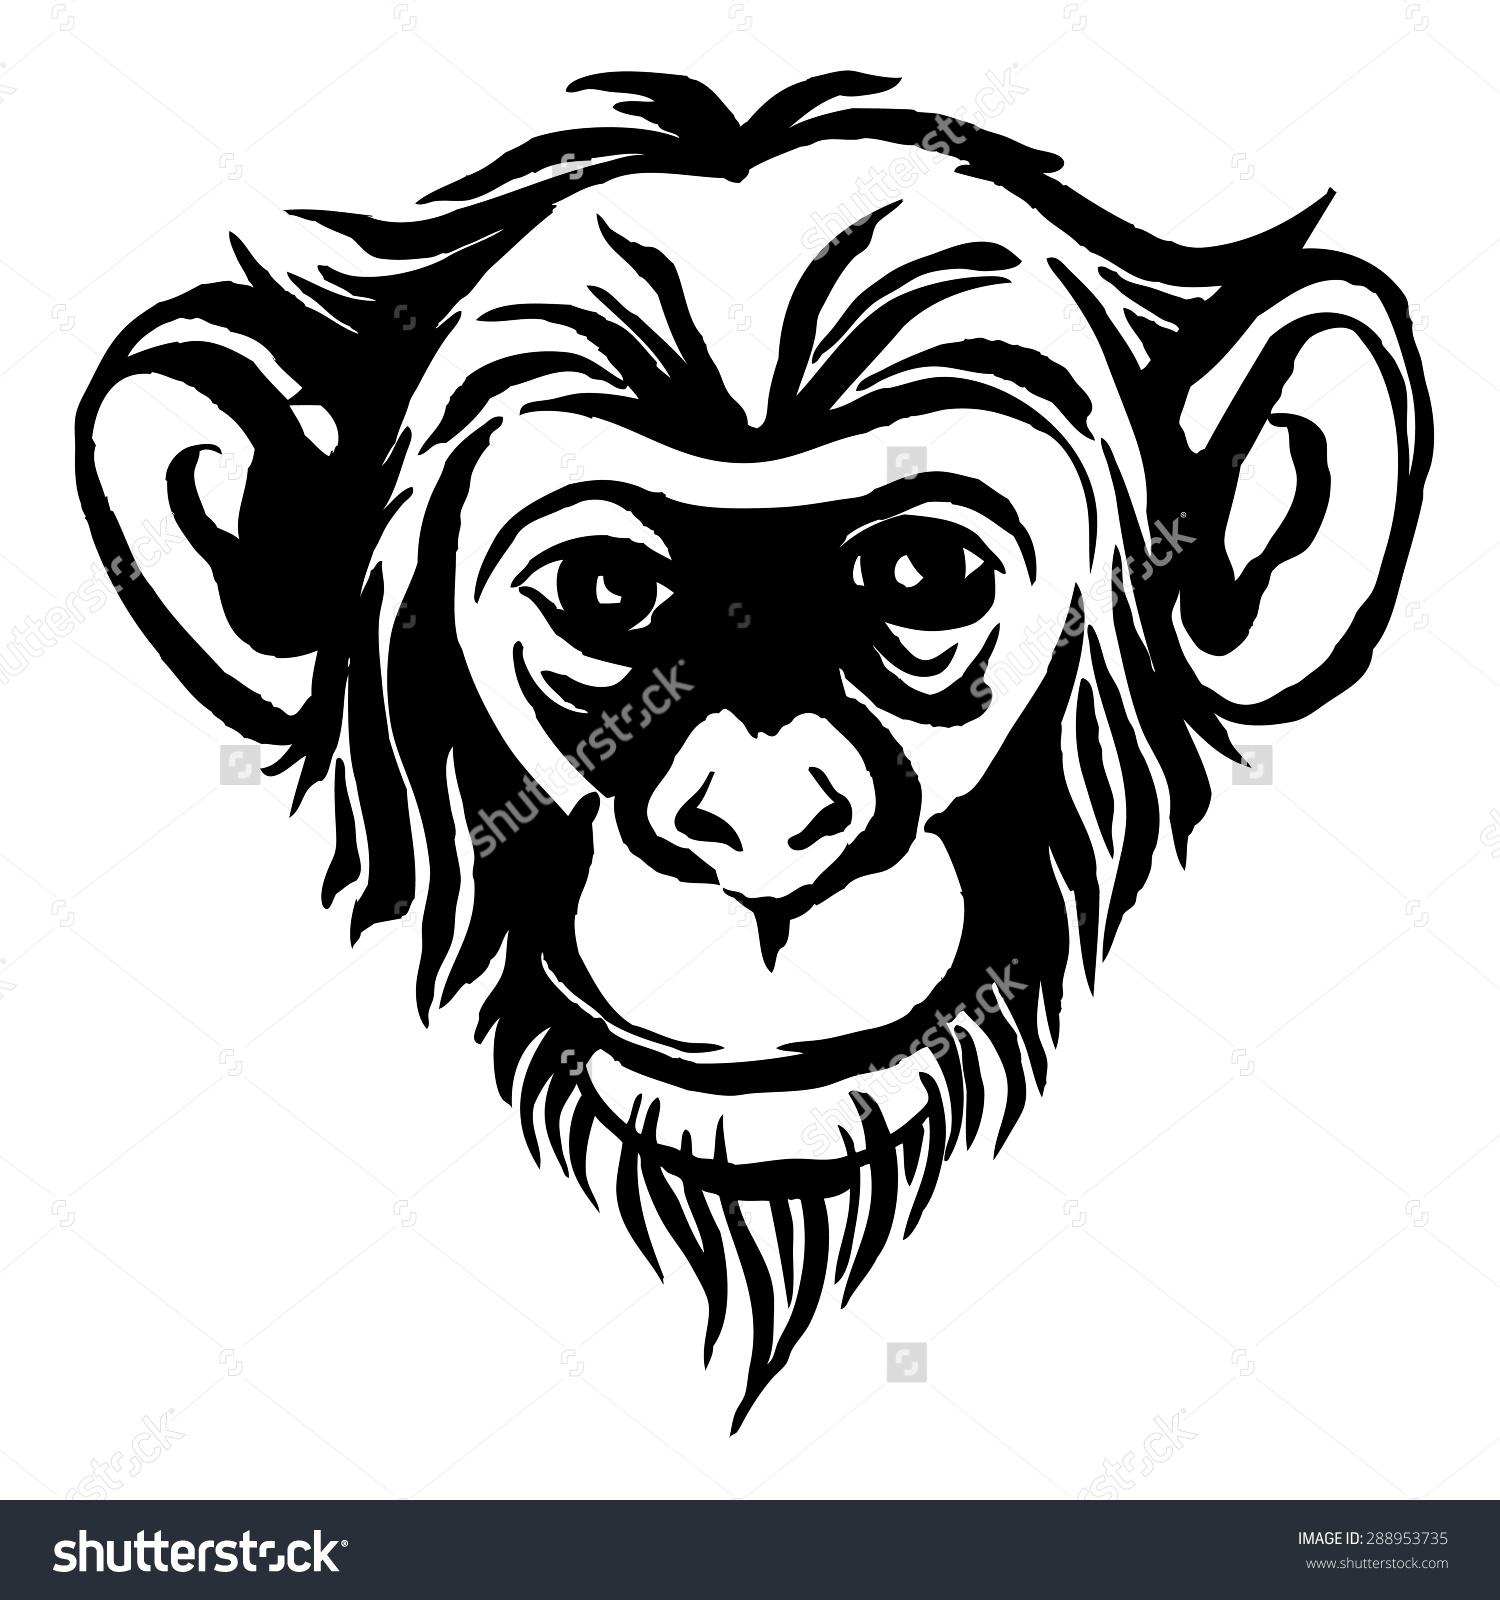 Bonobo clipart #1, Download drawings